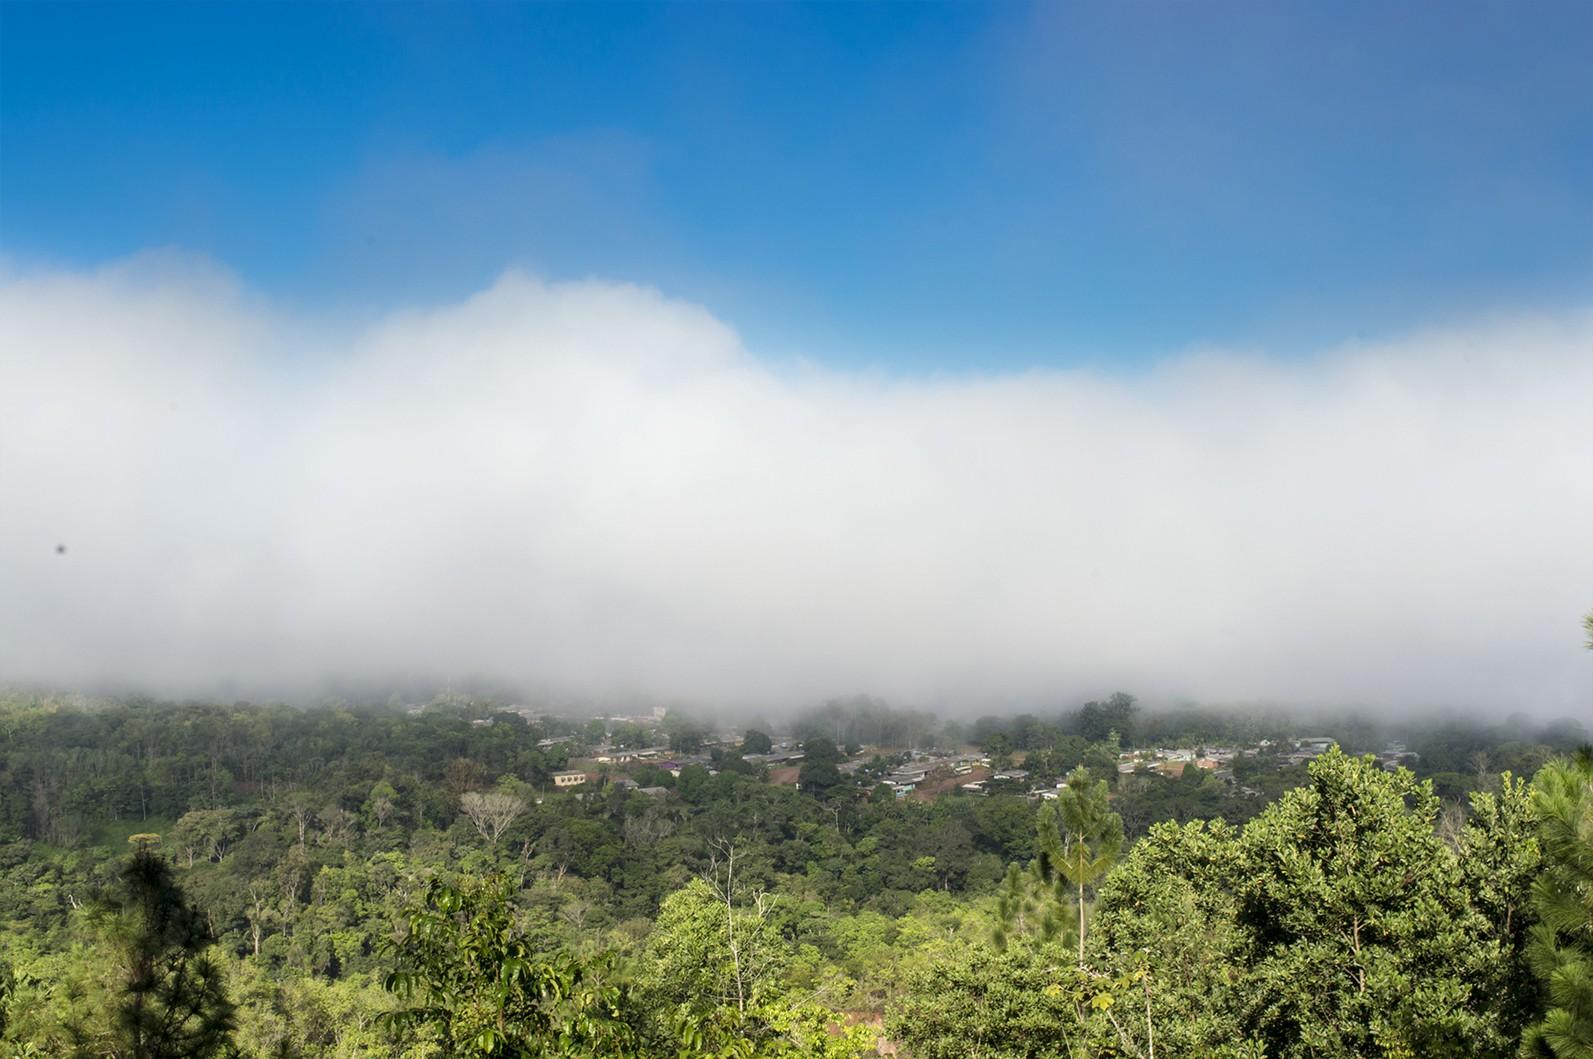 Internauta registra neblina em região serrana do AP durante verão amazônico